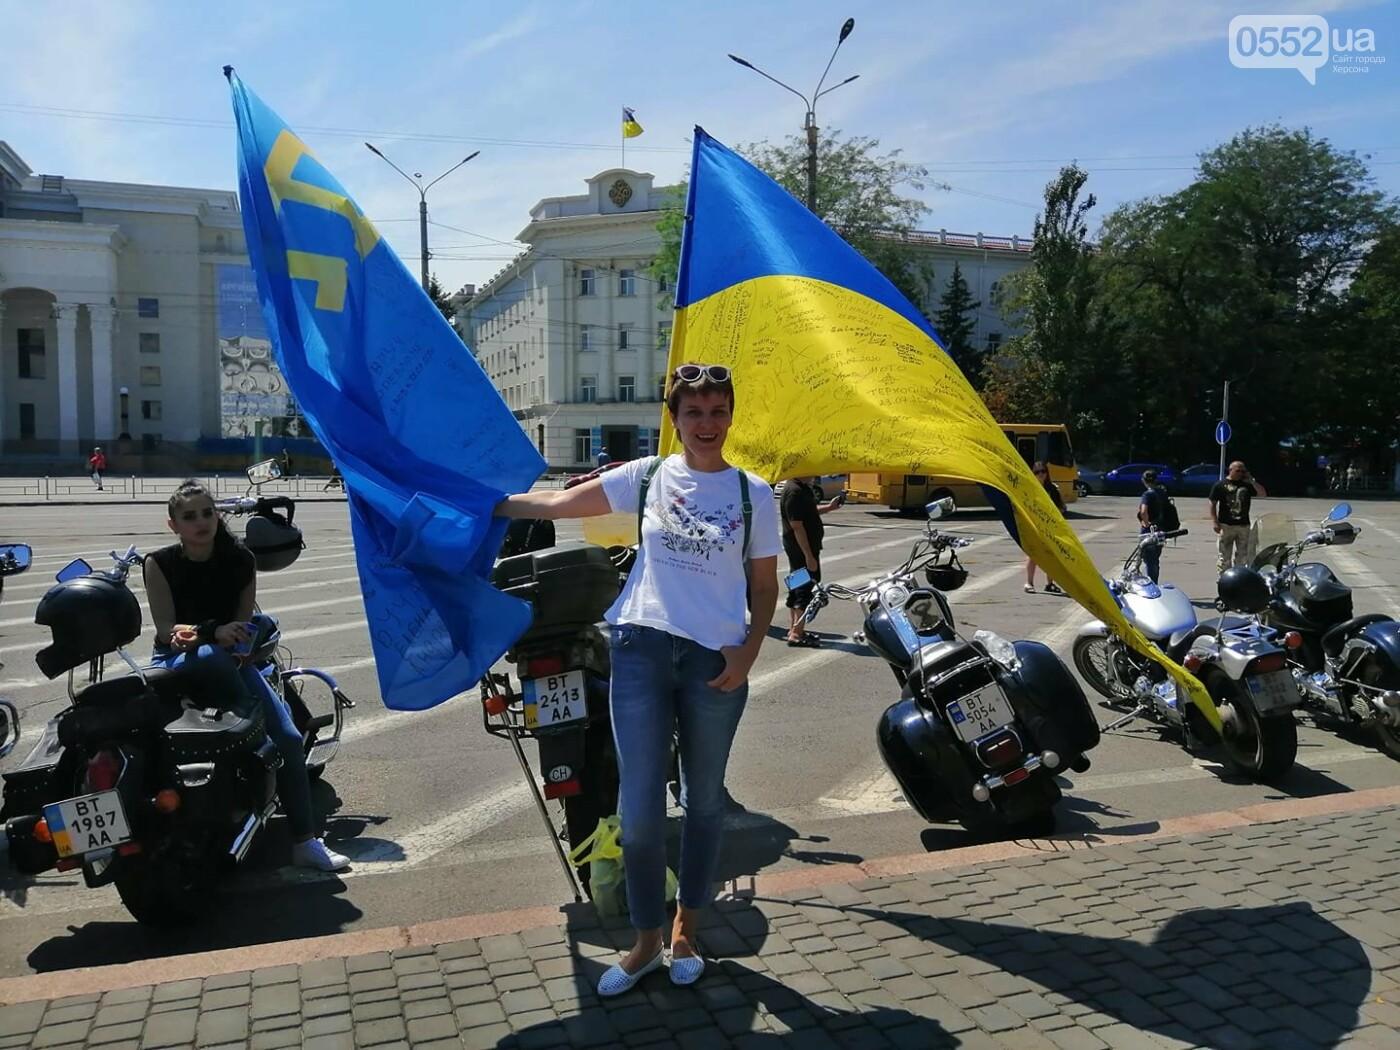 Байкеры на Херсонщине: «Мотопробег единства-2020» едет к границе, фото-4